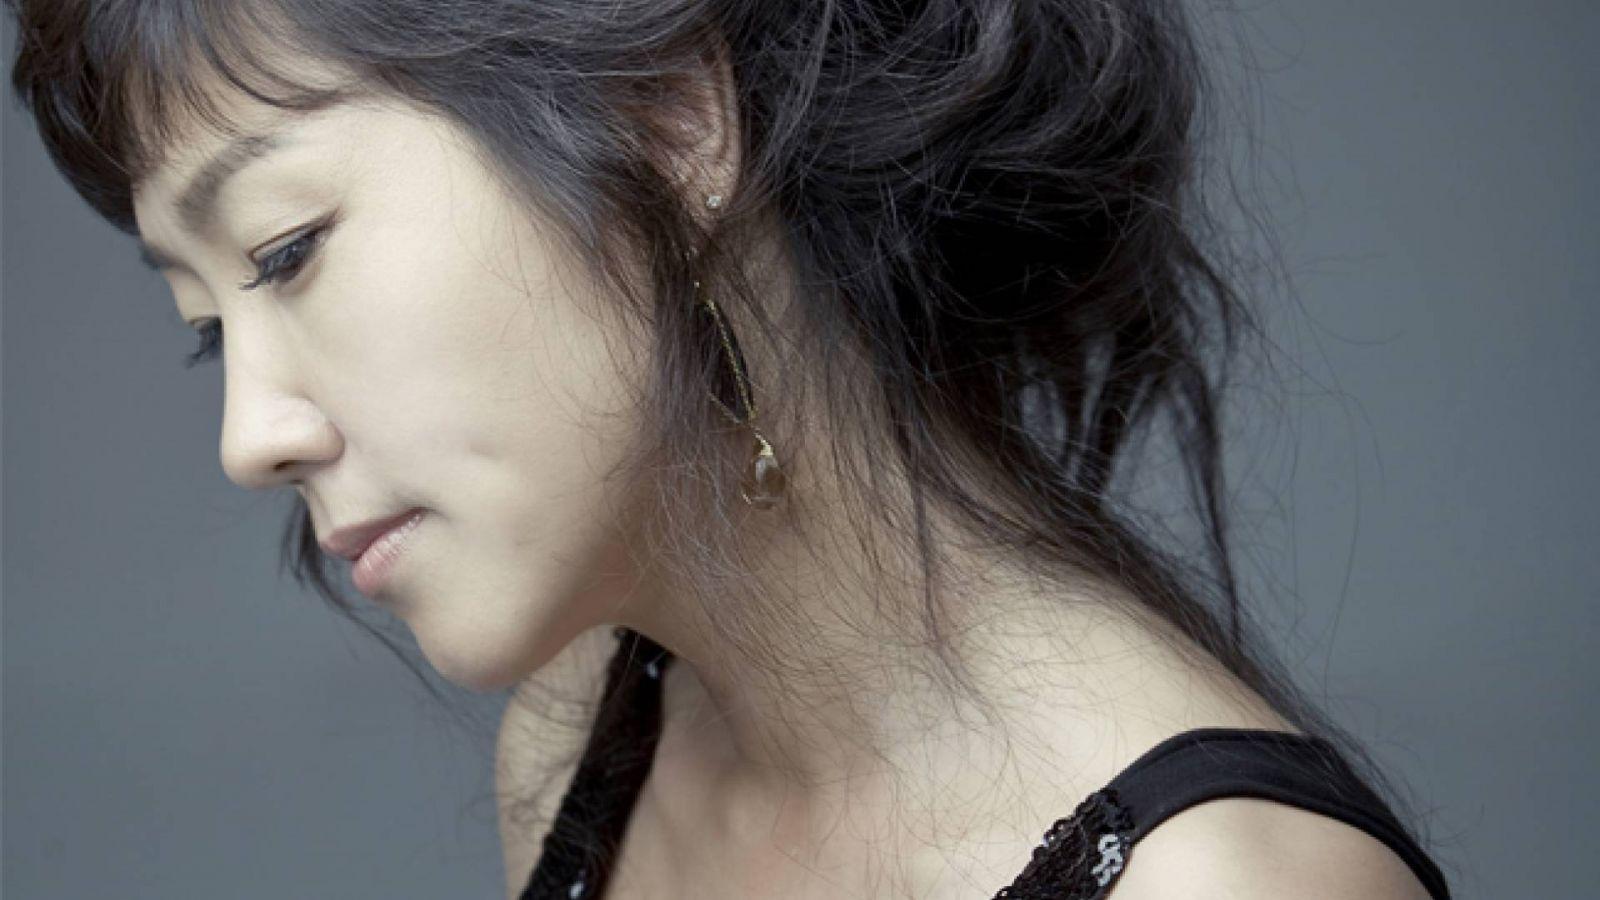 Youn Sun Nah © Nah Inu / ACT